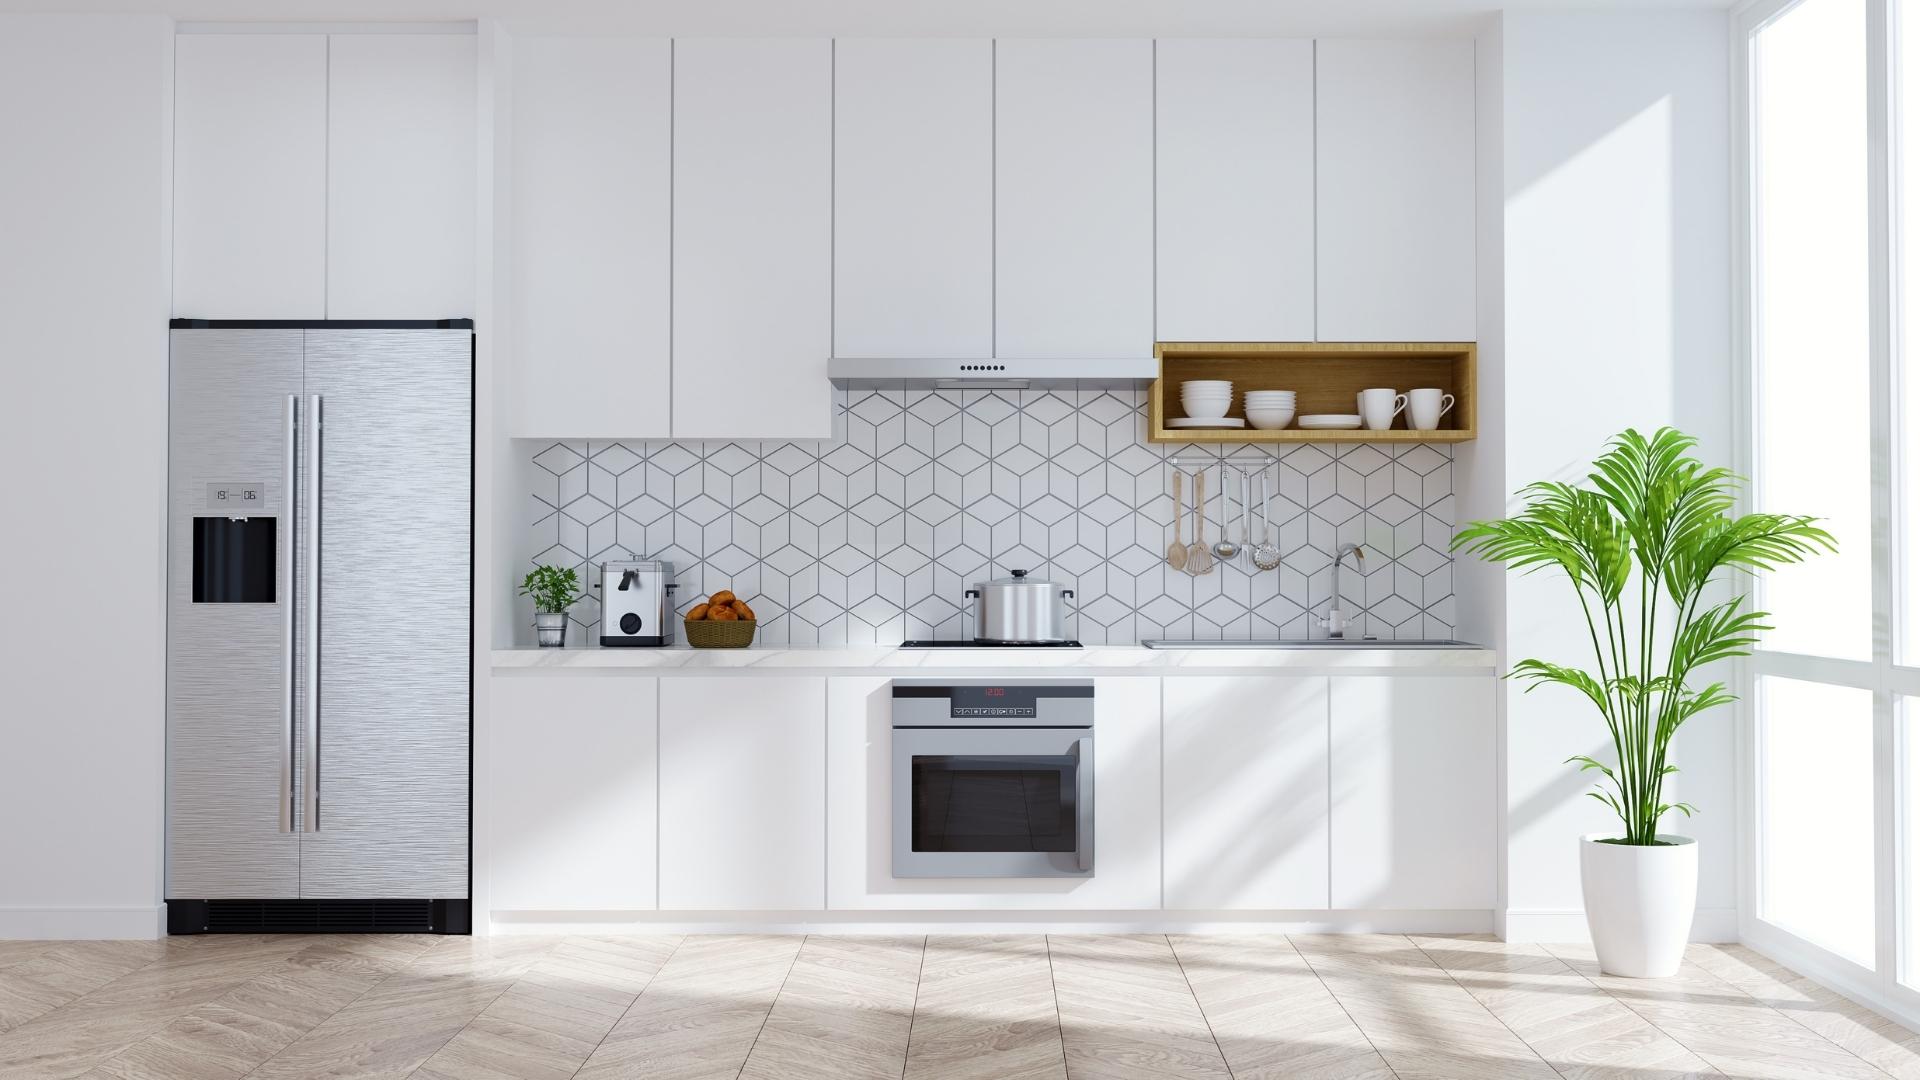 Mẫu tủ bếp chữ I màu trắng cho nhà nhỏ